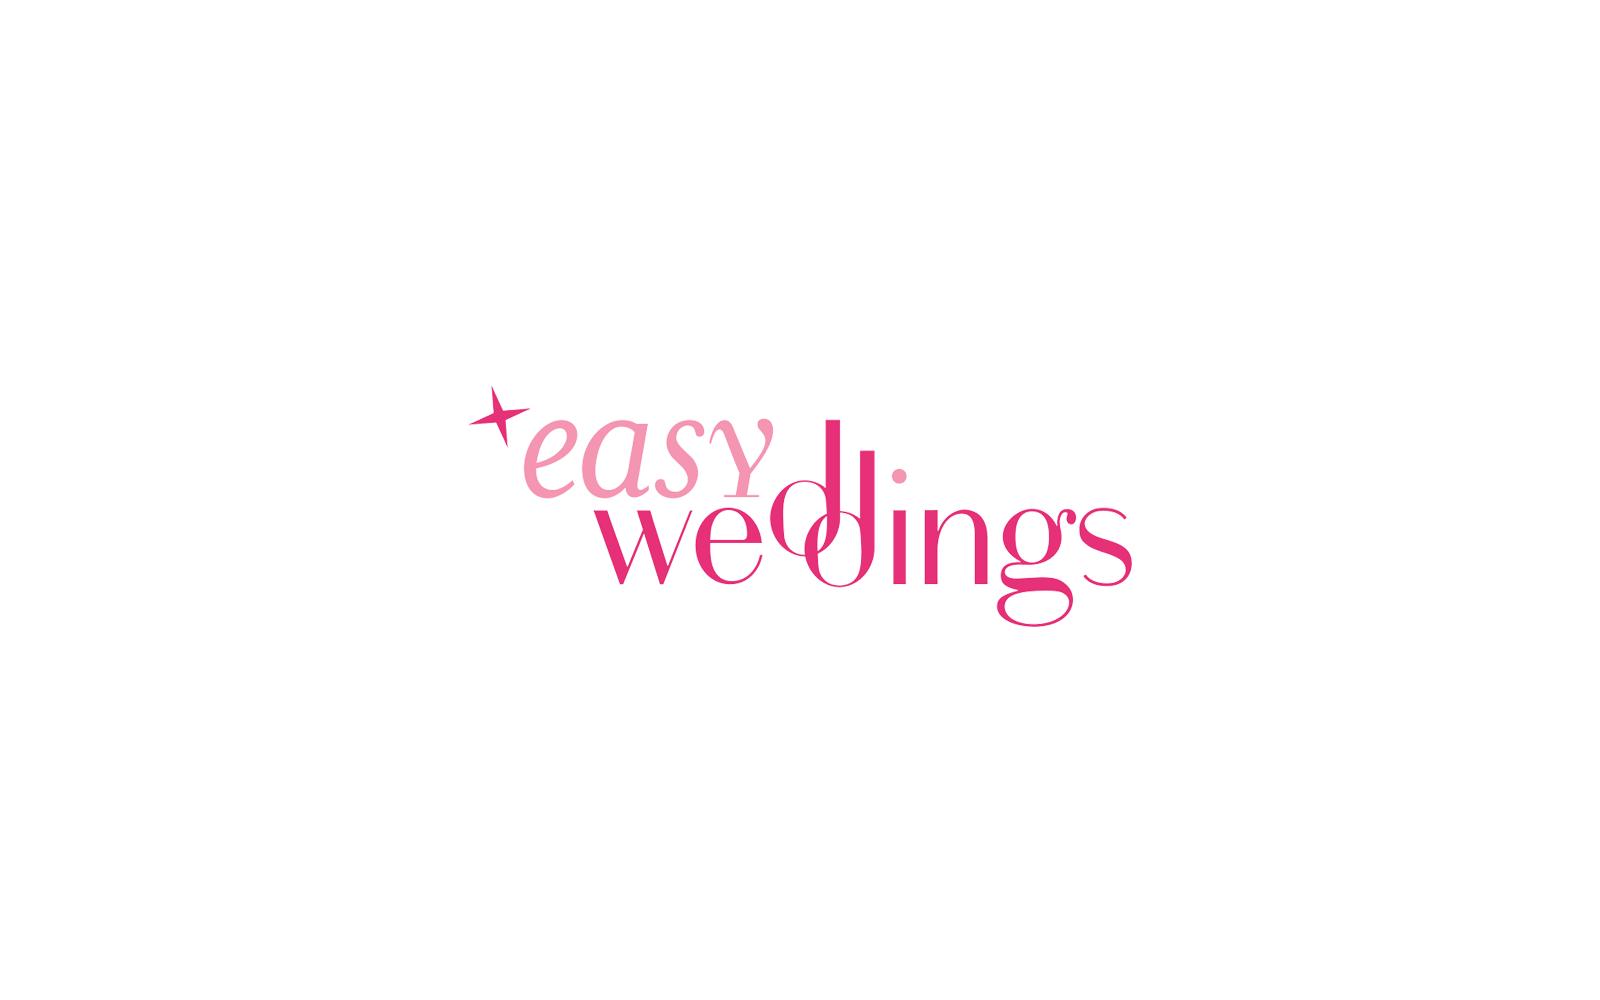 Easy Weddings • Image 1